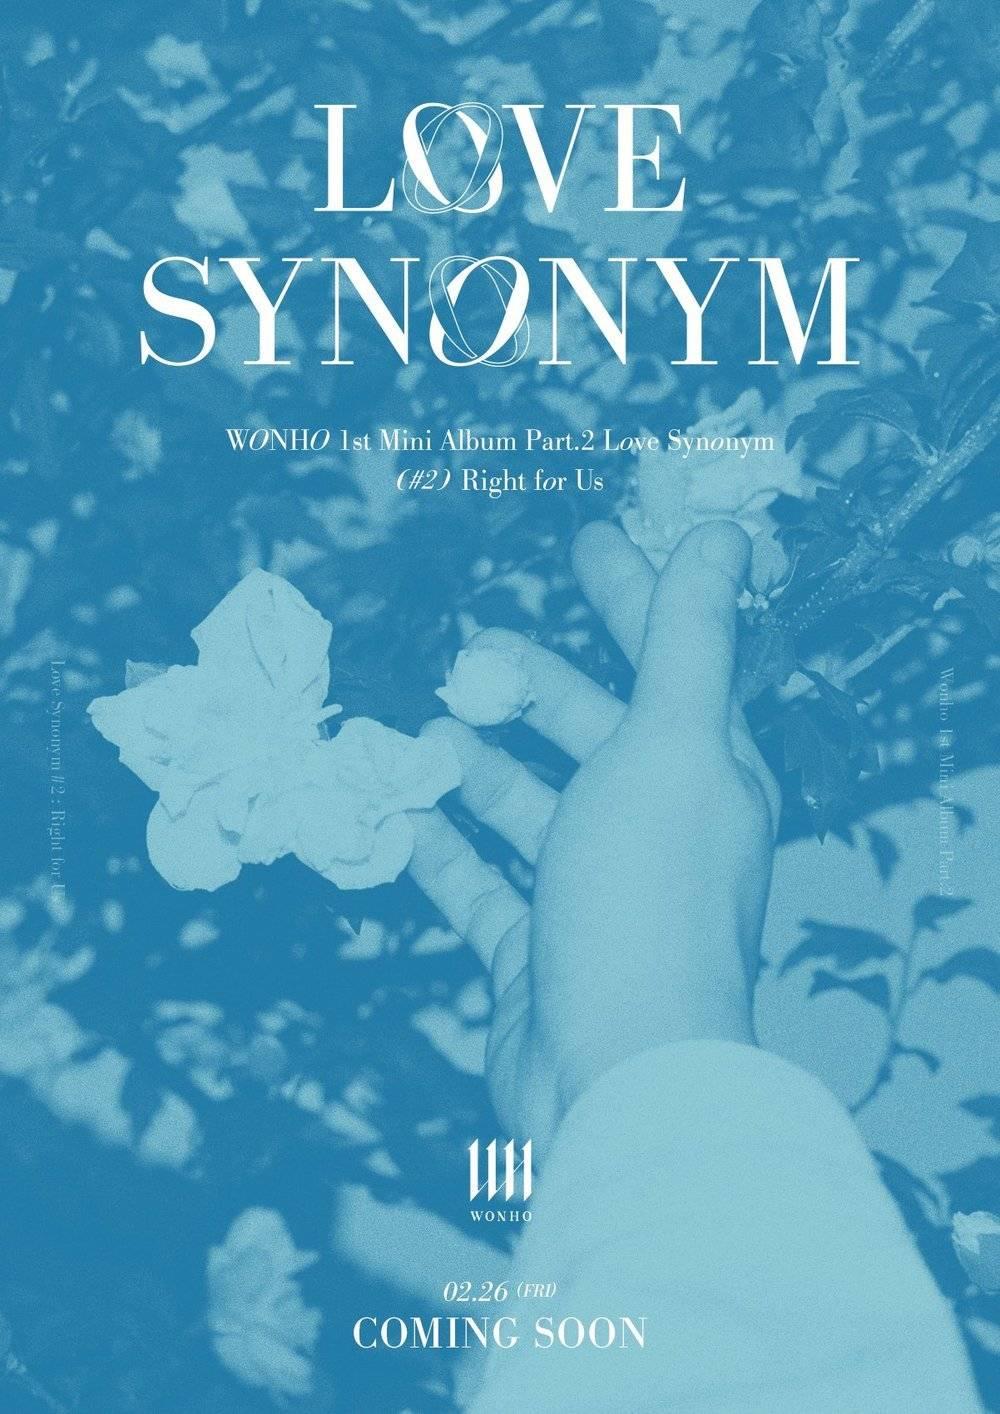 26일(금), 원호 미니 앨범 1집 'Love Synonym #2 : Right for Us' 발매   인스티즈